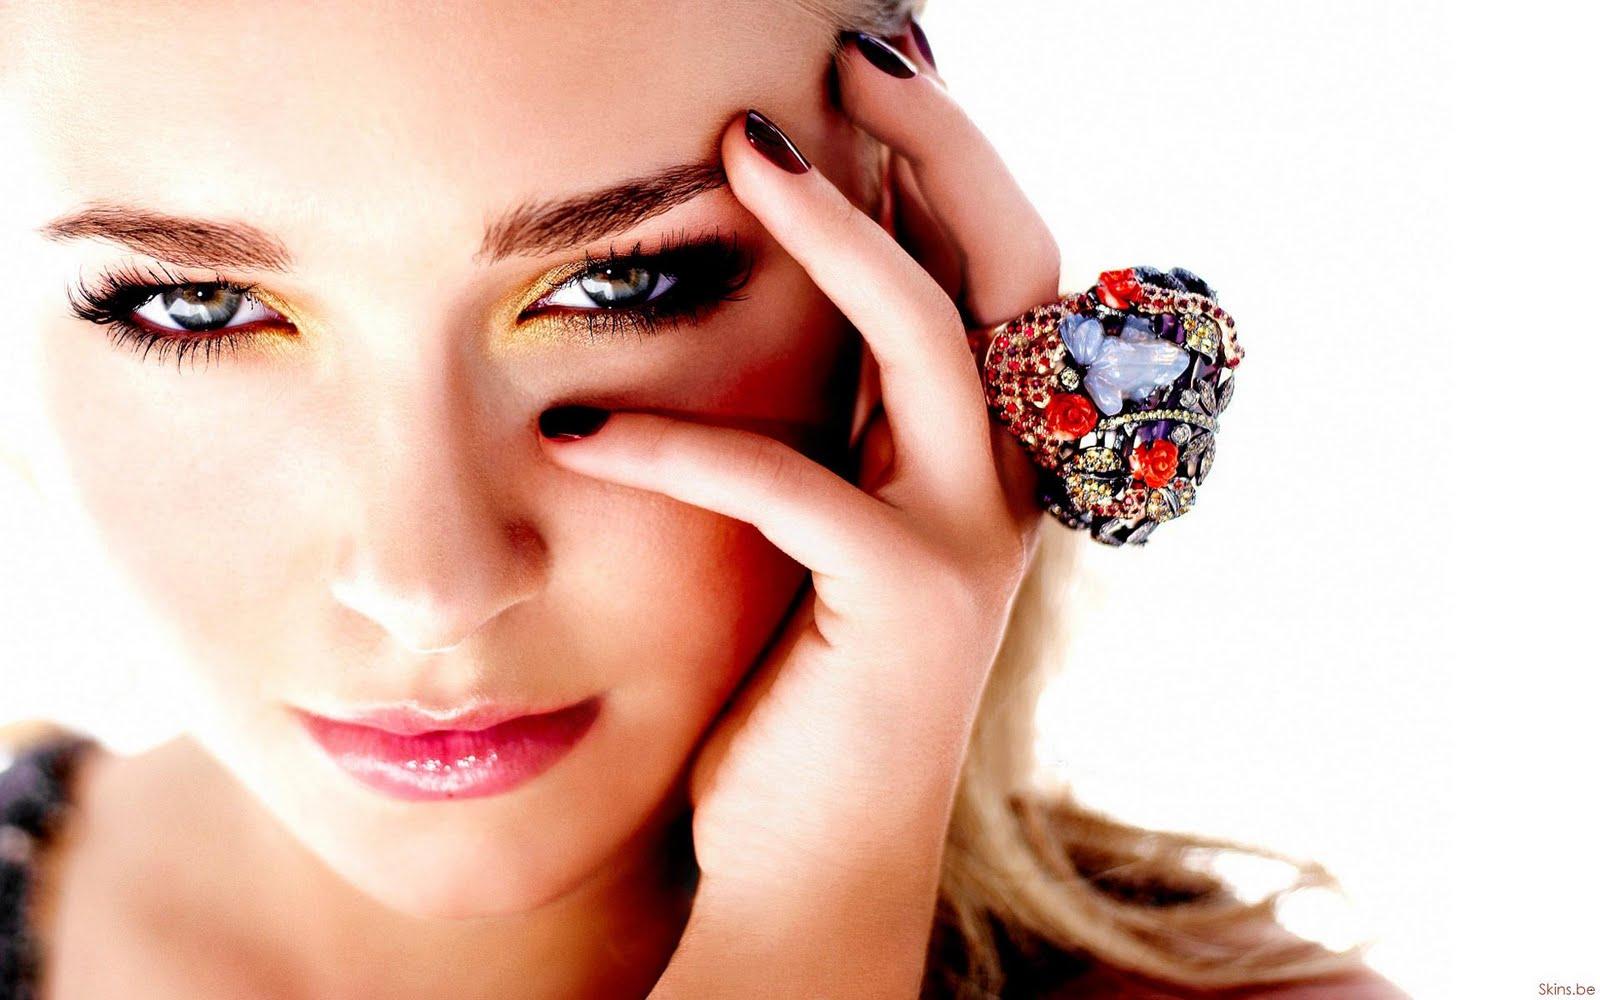 http://3.bp.blogspot.com/-O7IeQf3qw5o/TtpLeG2-2GI/AAAAAAAAKJY/mkDqd-CPshg/s1600/Hayden_Panettiere_hd_Glamour_Girl_Wallpapers_08.jpg